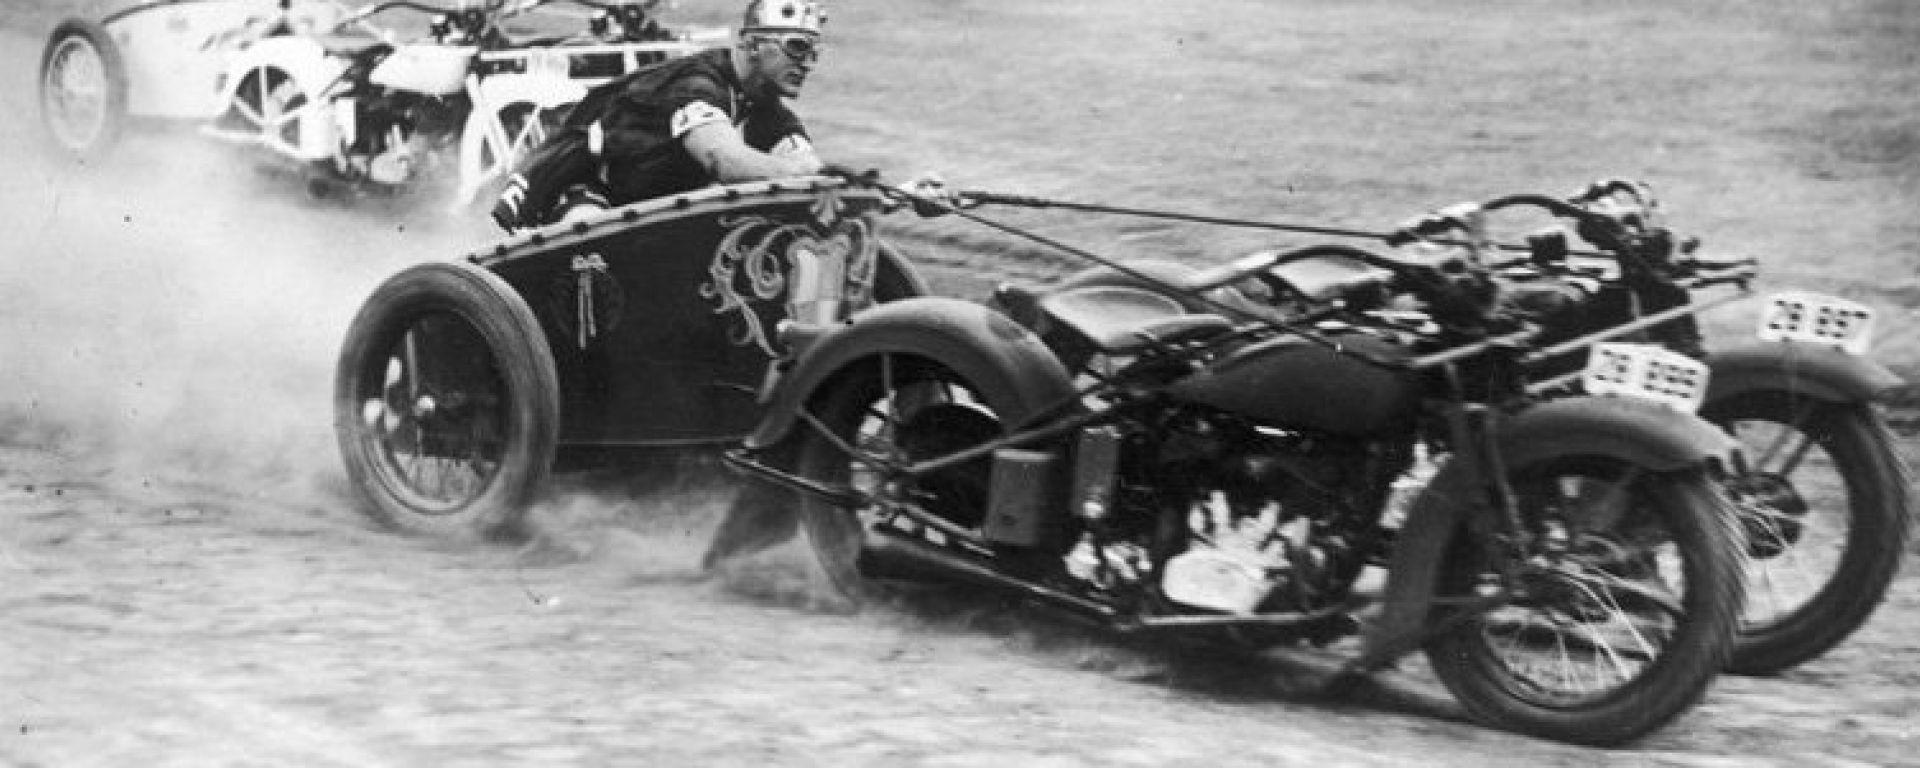 Bighe motorizzate: le moto erano comandate con le briglie